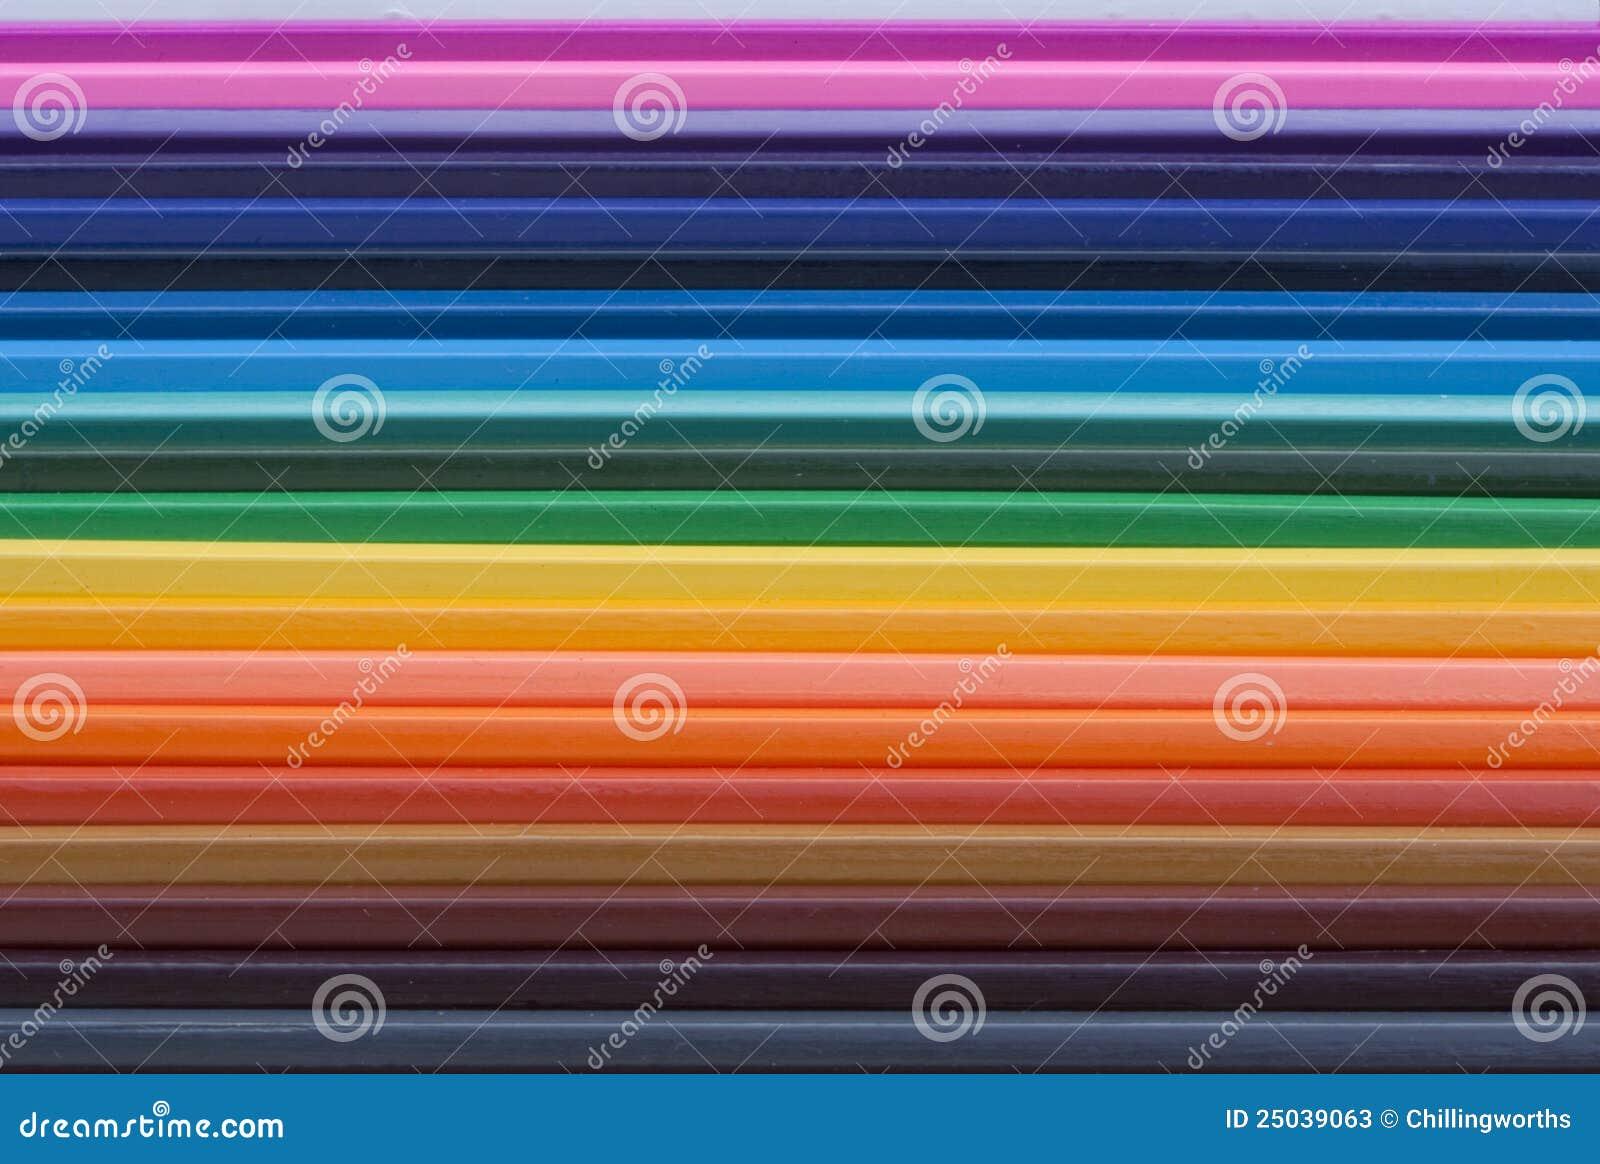 Färgade blyertspennor